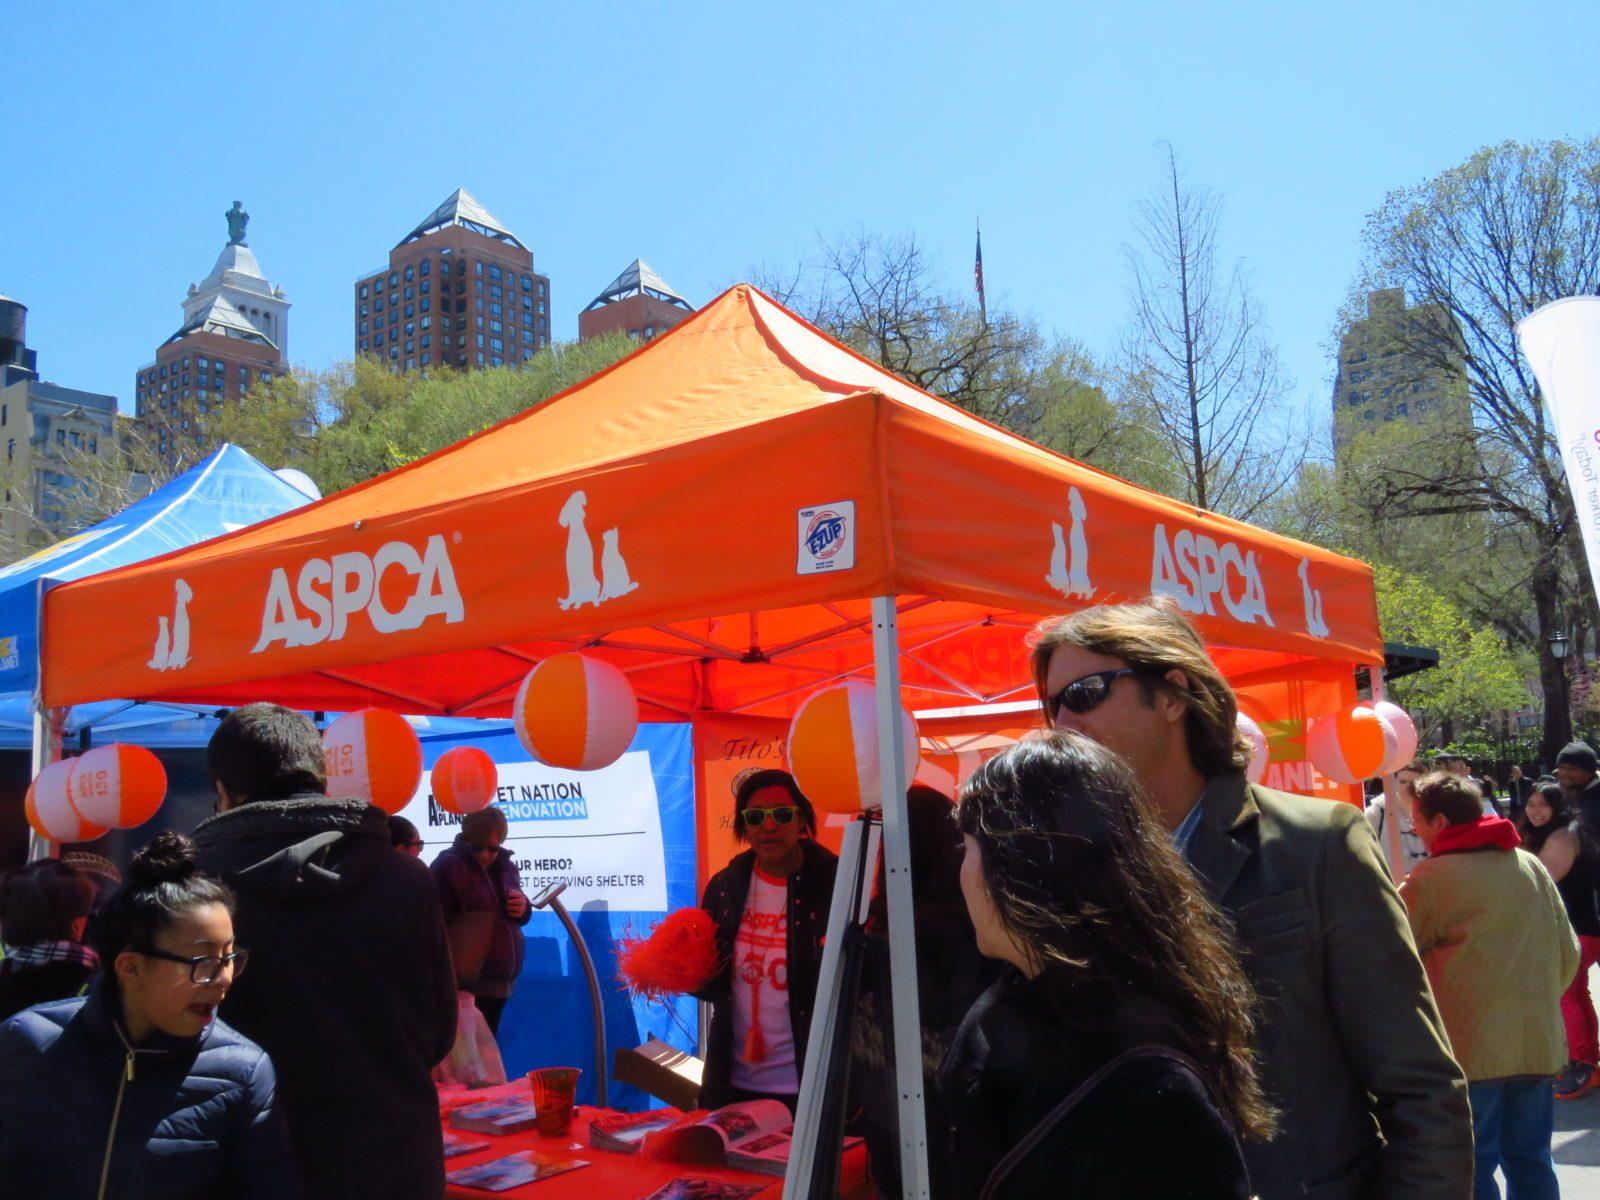 ASPCA 150th event 013